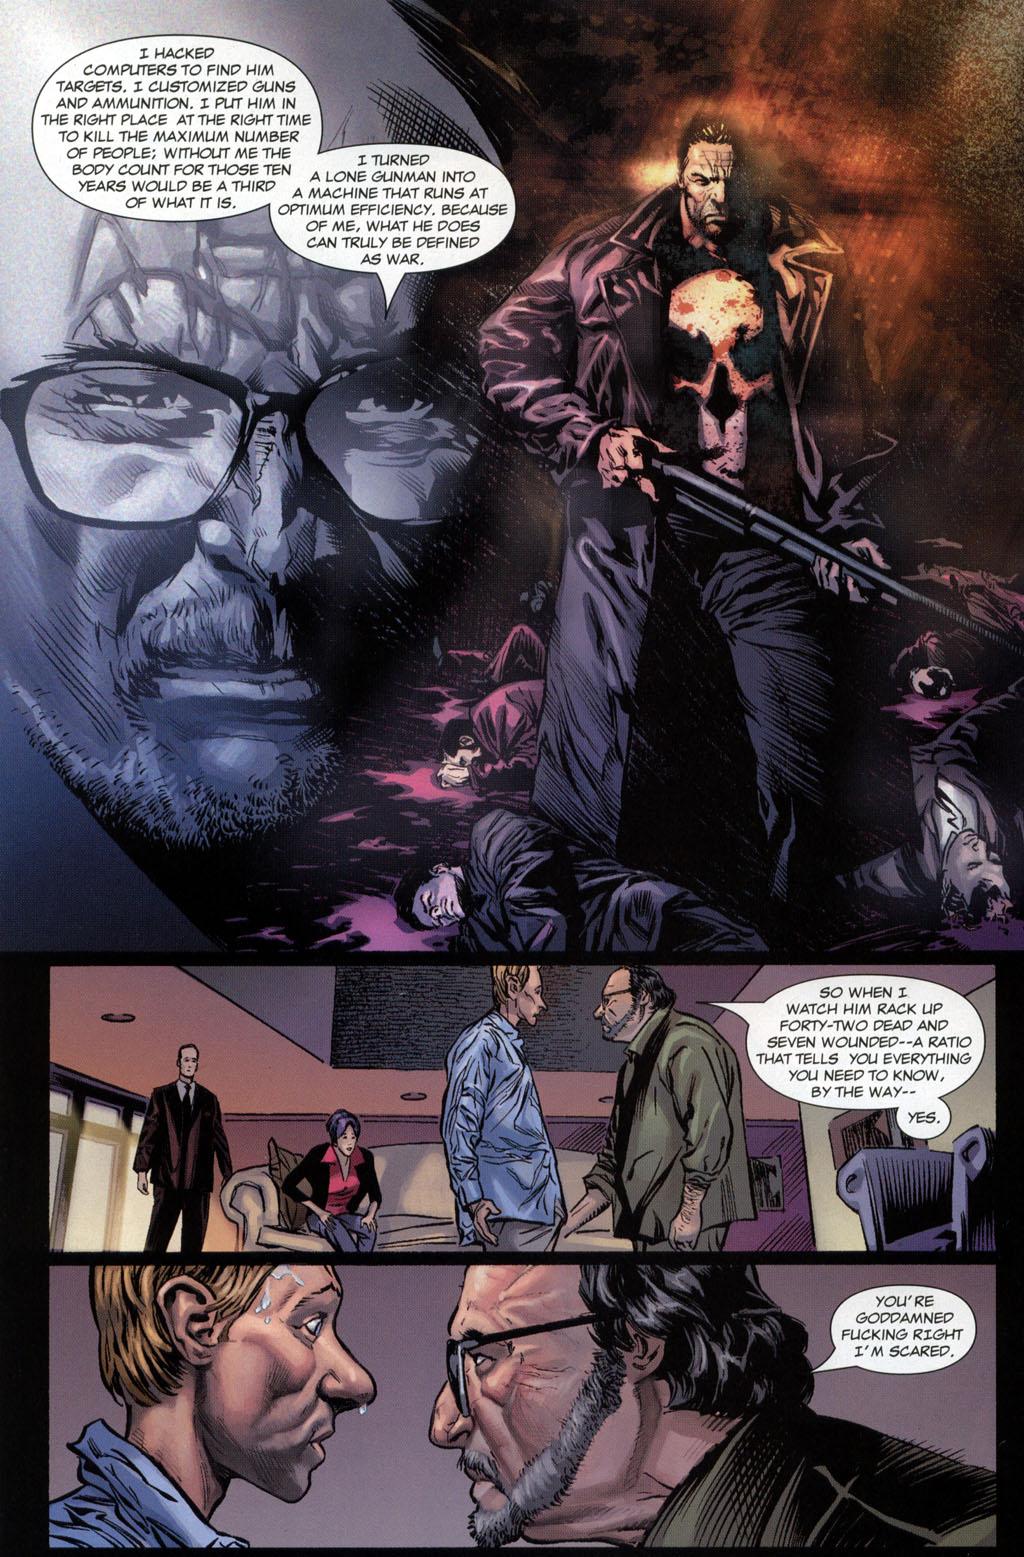 10 жестоких комиксов про Карателя. - Изображение 8